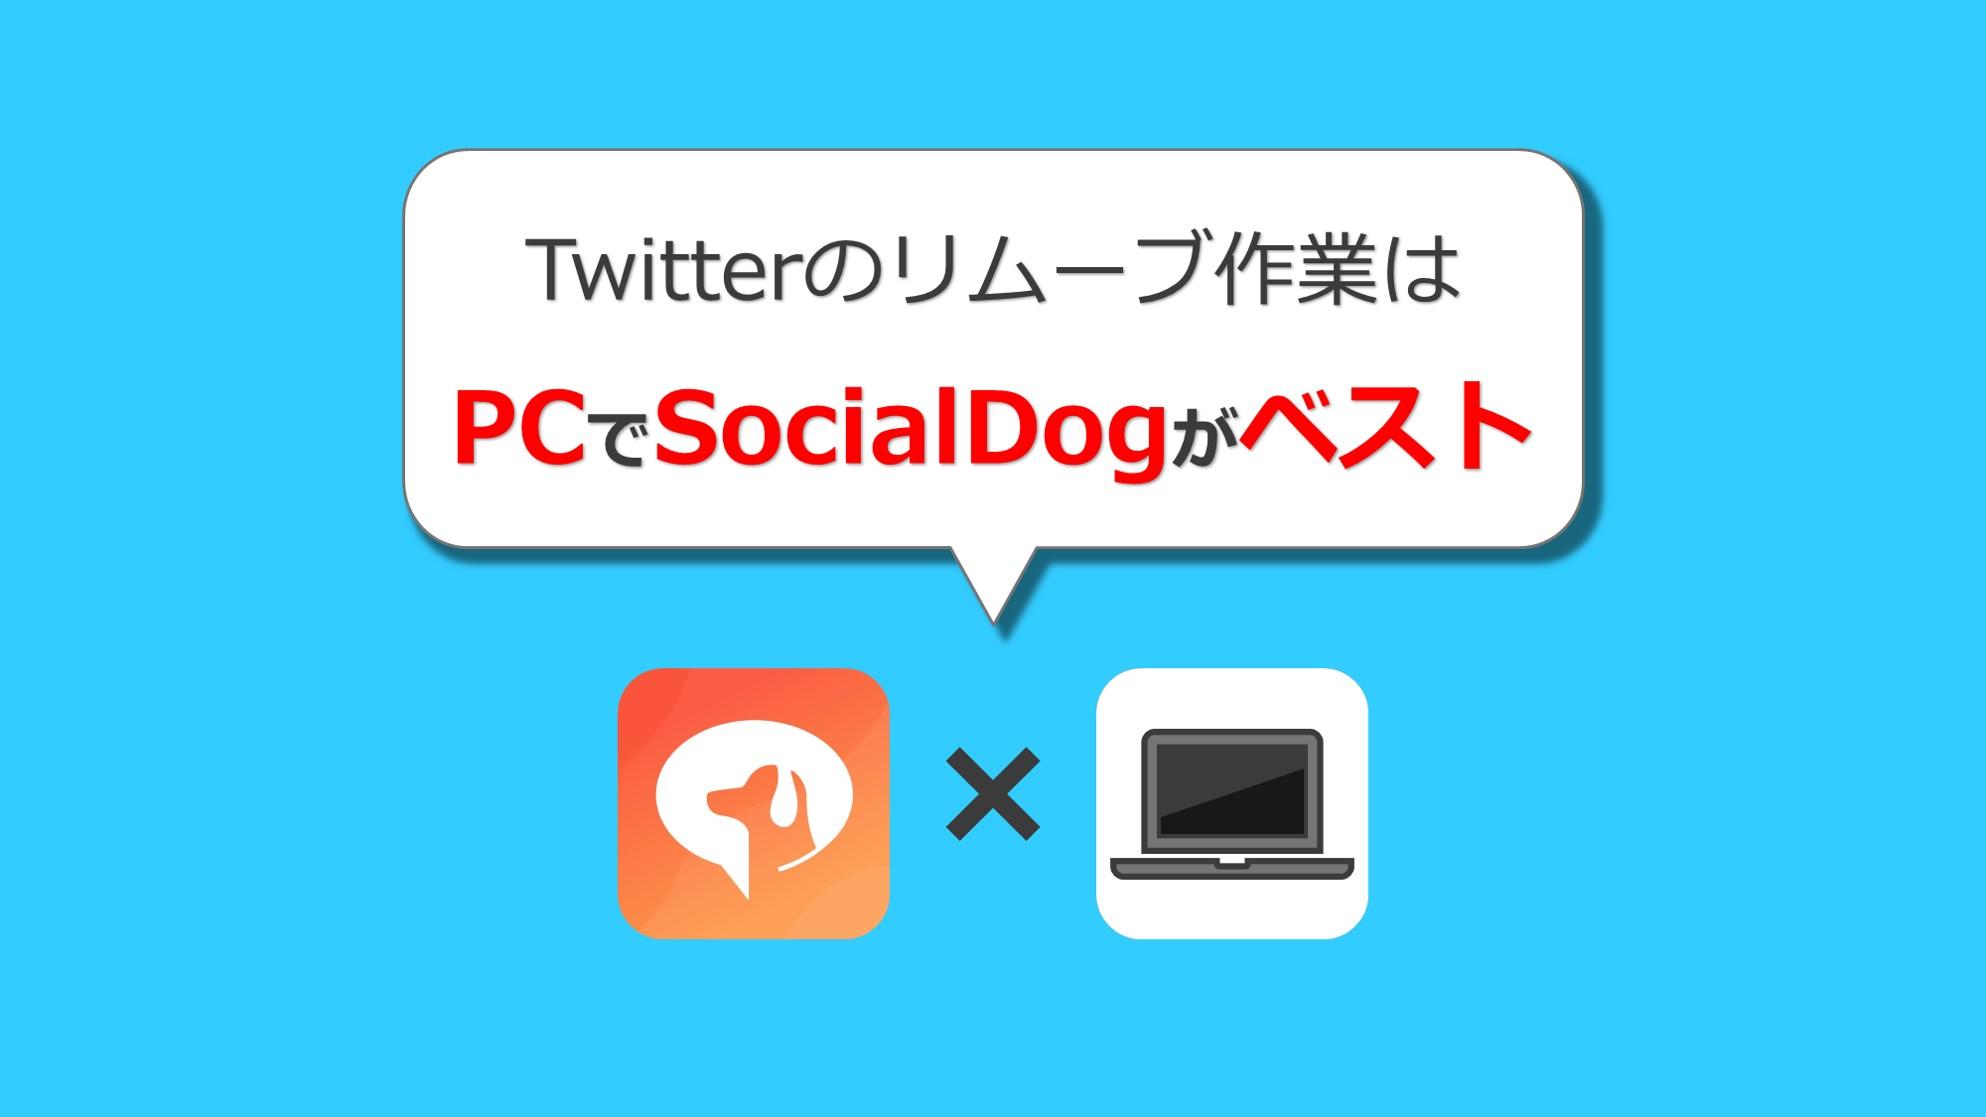 Twitterのリムーブ作業はパソコンでSocialDogが一番